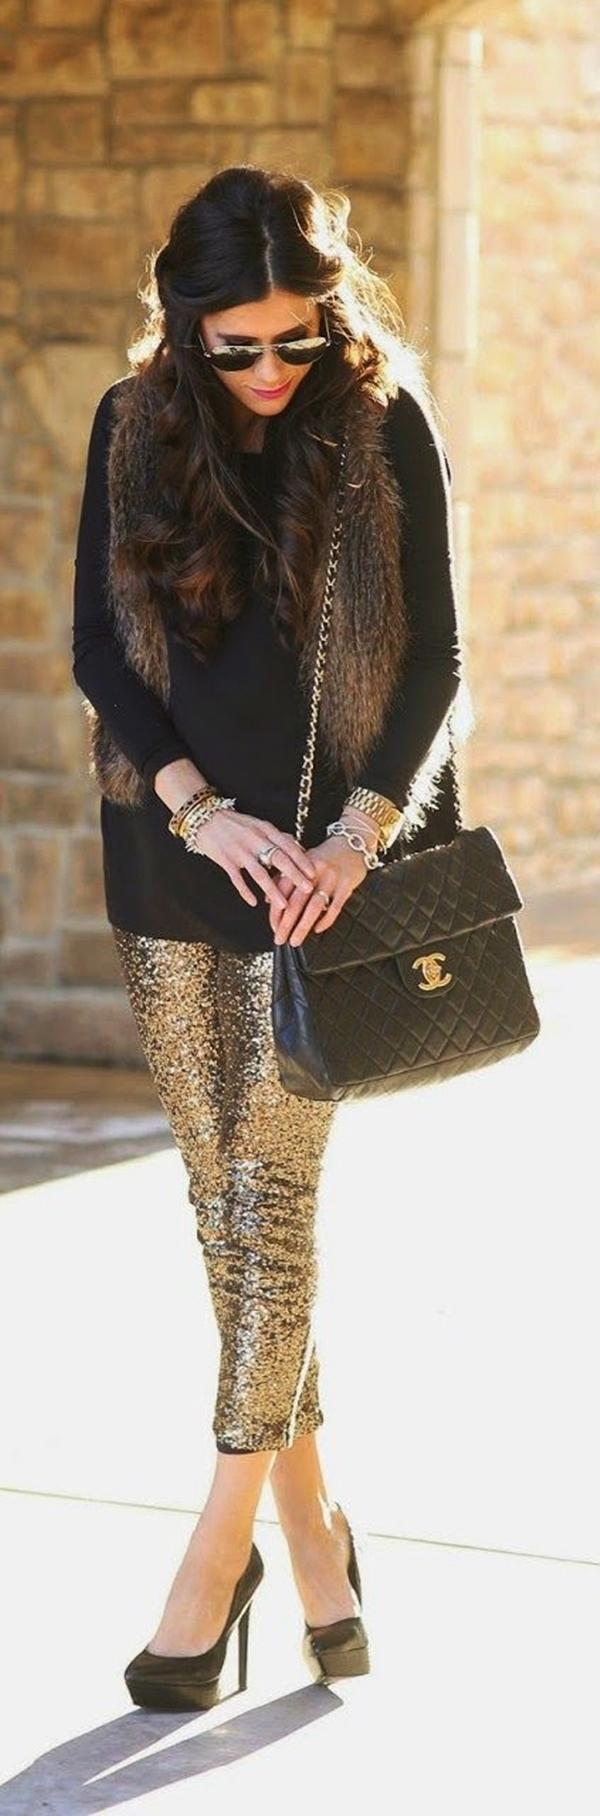 Stylish Ways to Wear Leggings in winter36